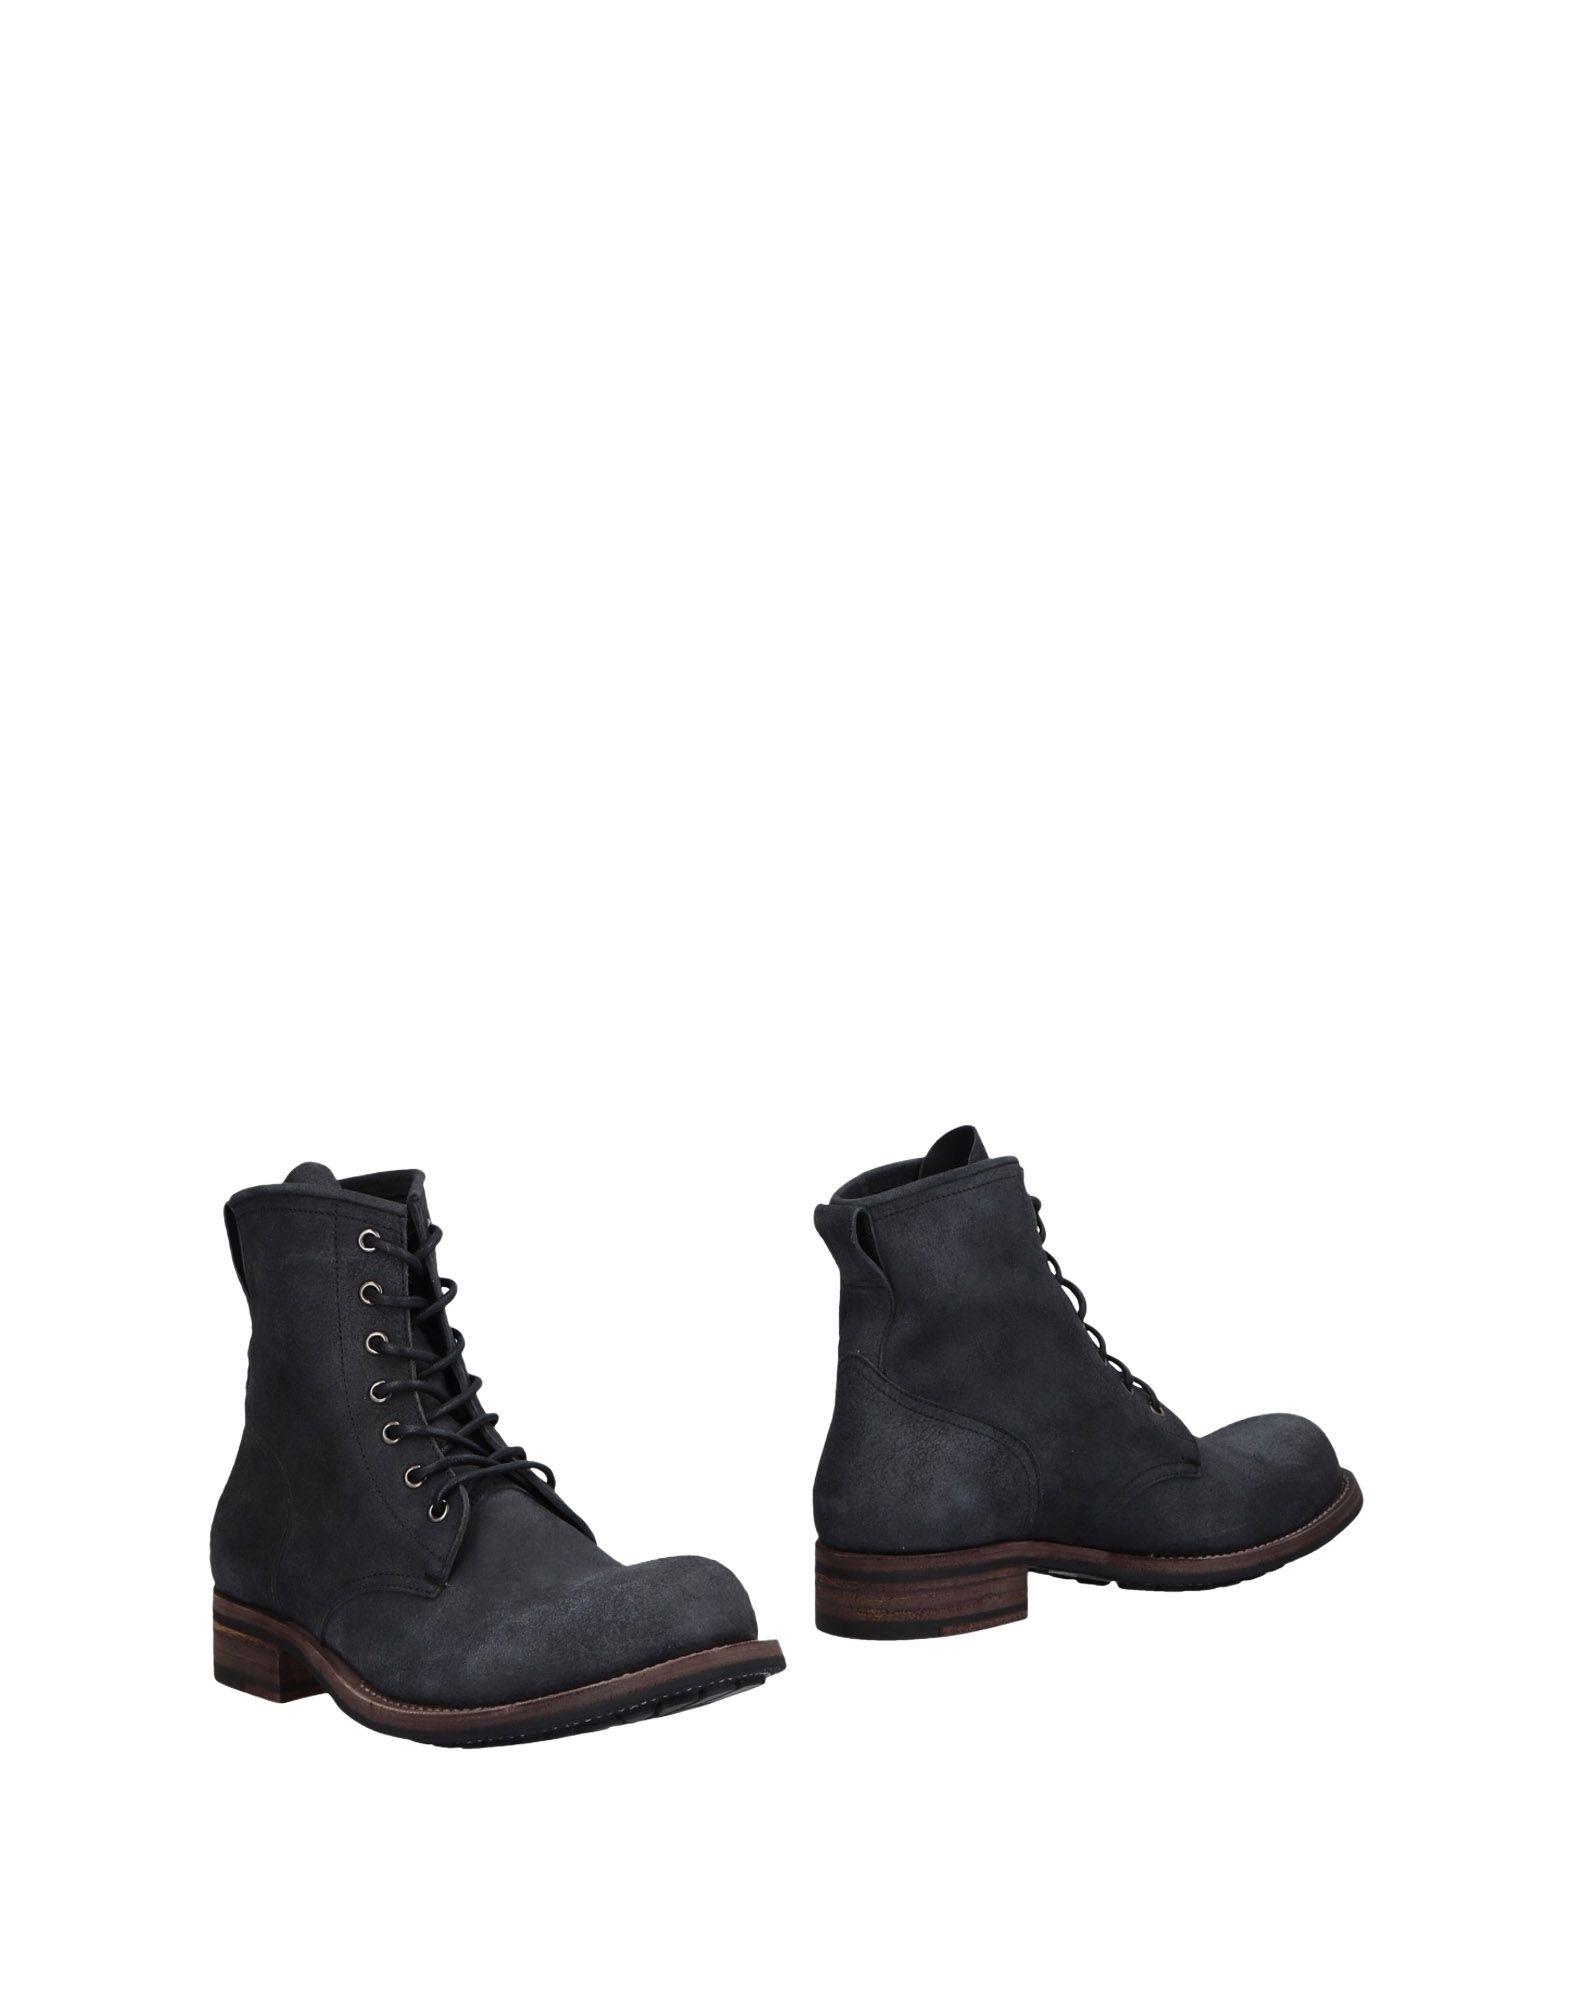 Vibram Stiefelette Herren  11473030JV Gute Qualität beliebte Schuhe